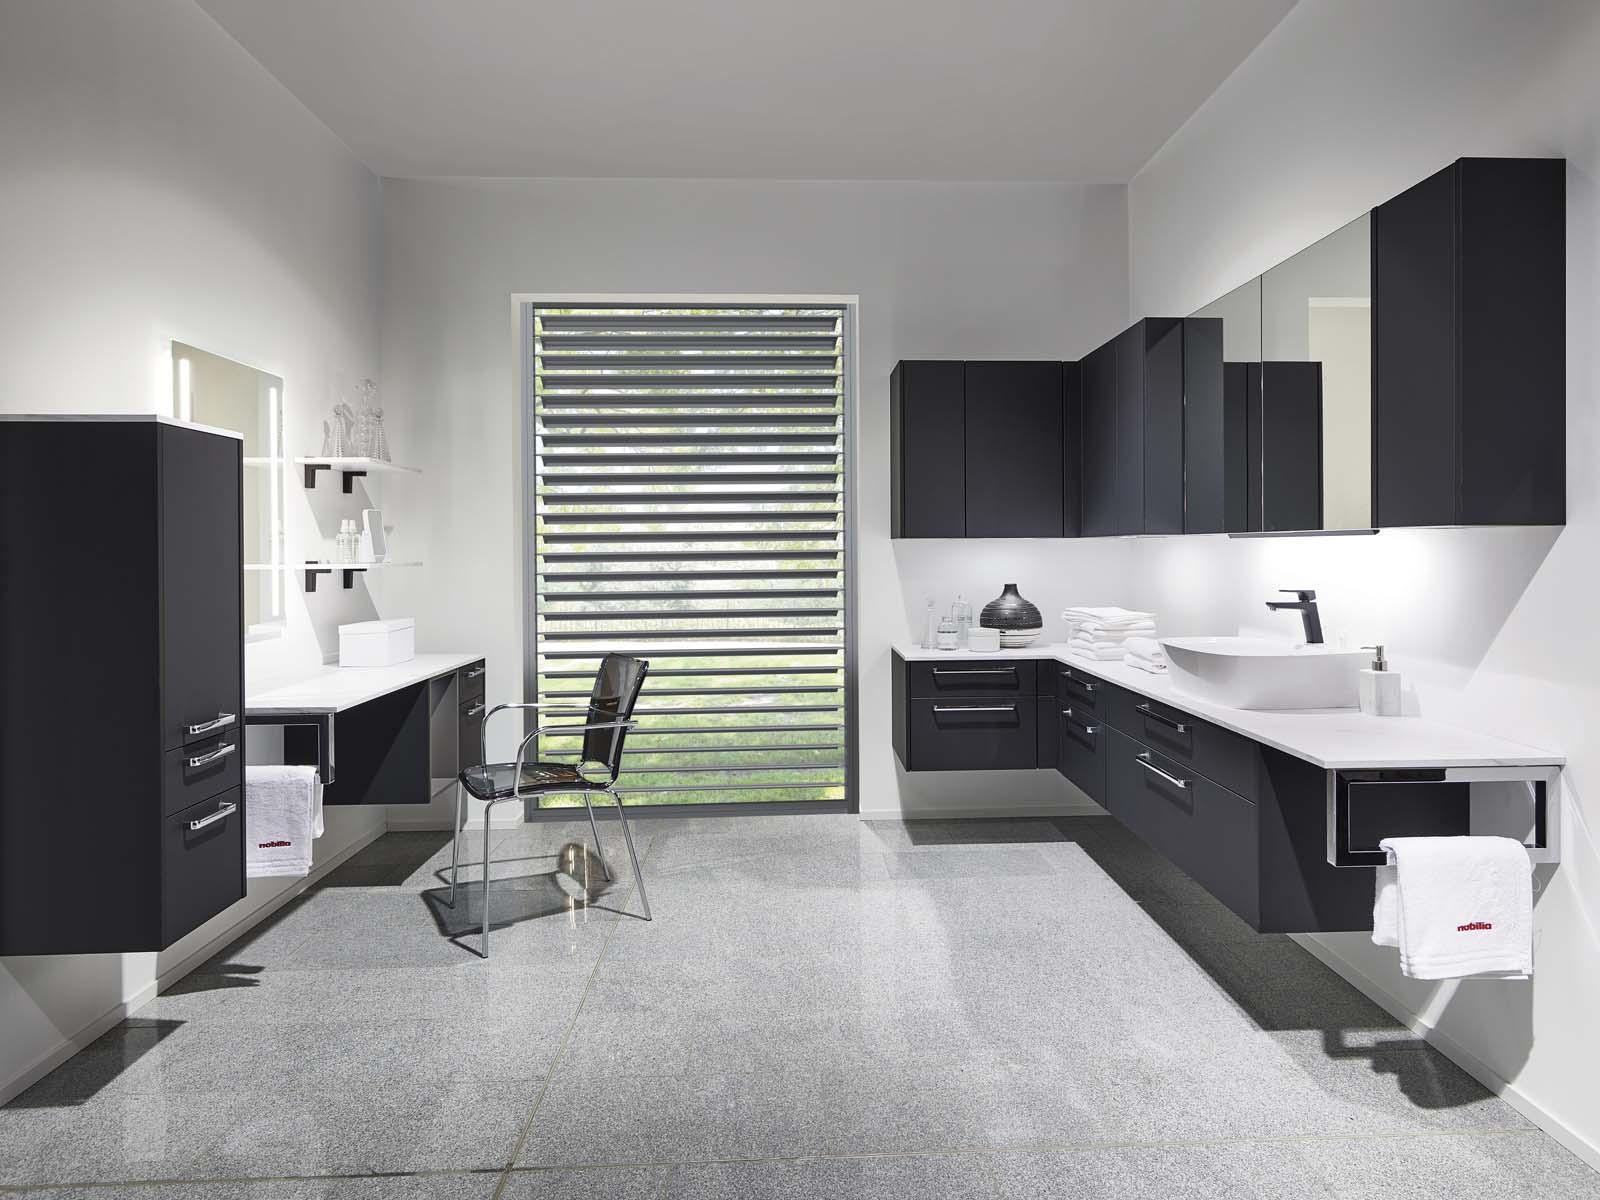 Küchentime Easytouch 961 - Bathroom